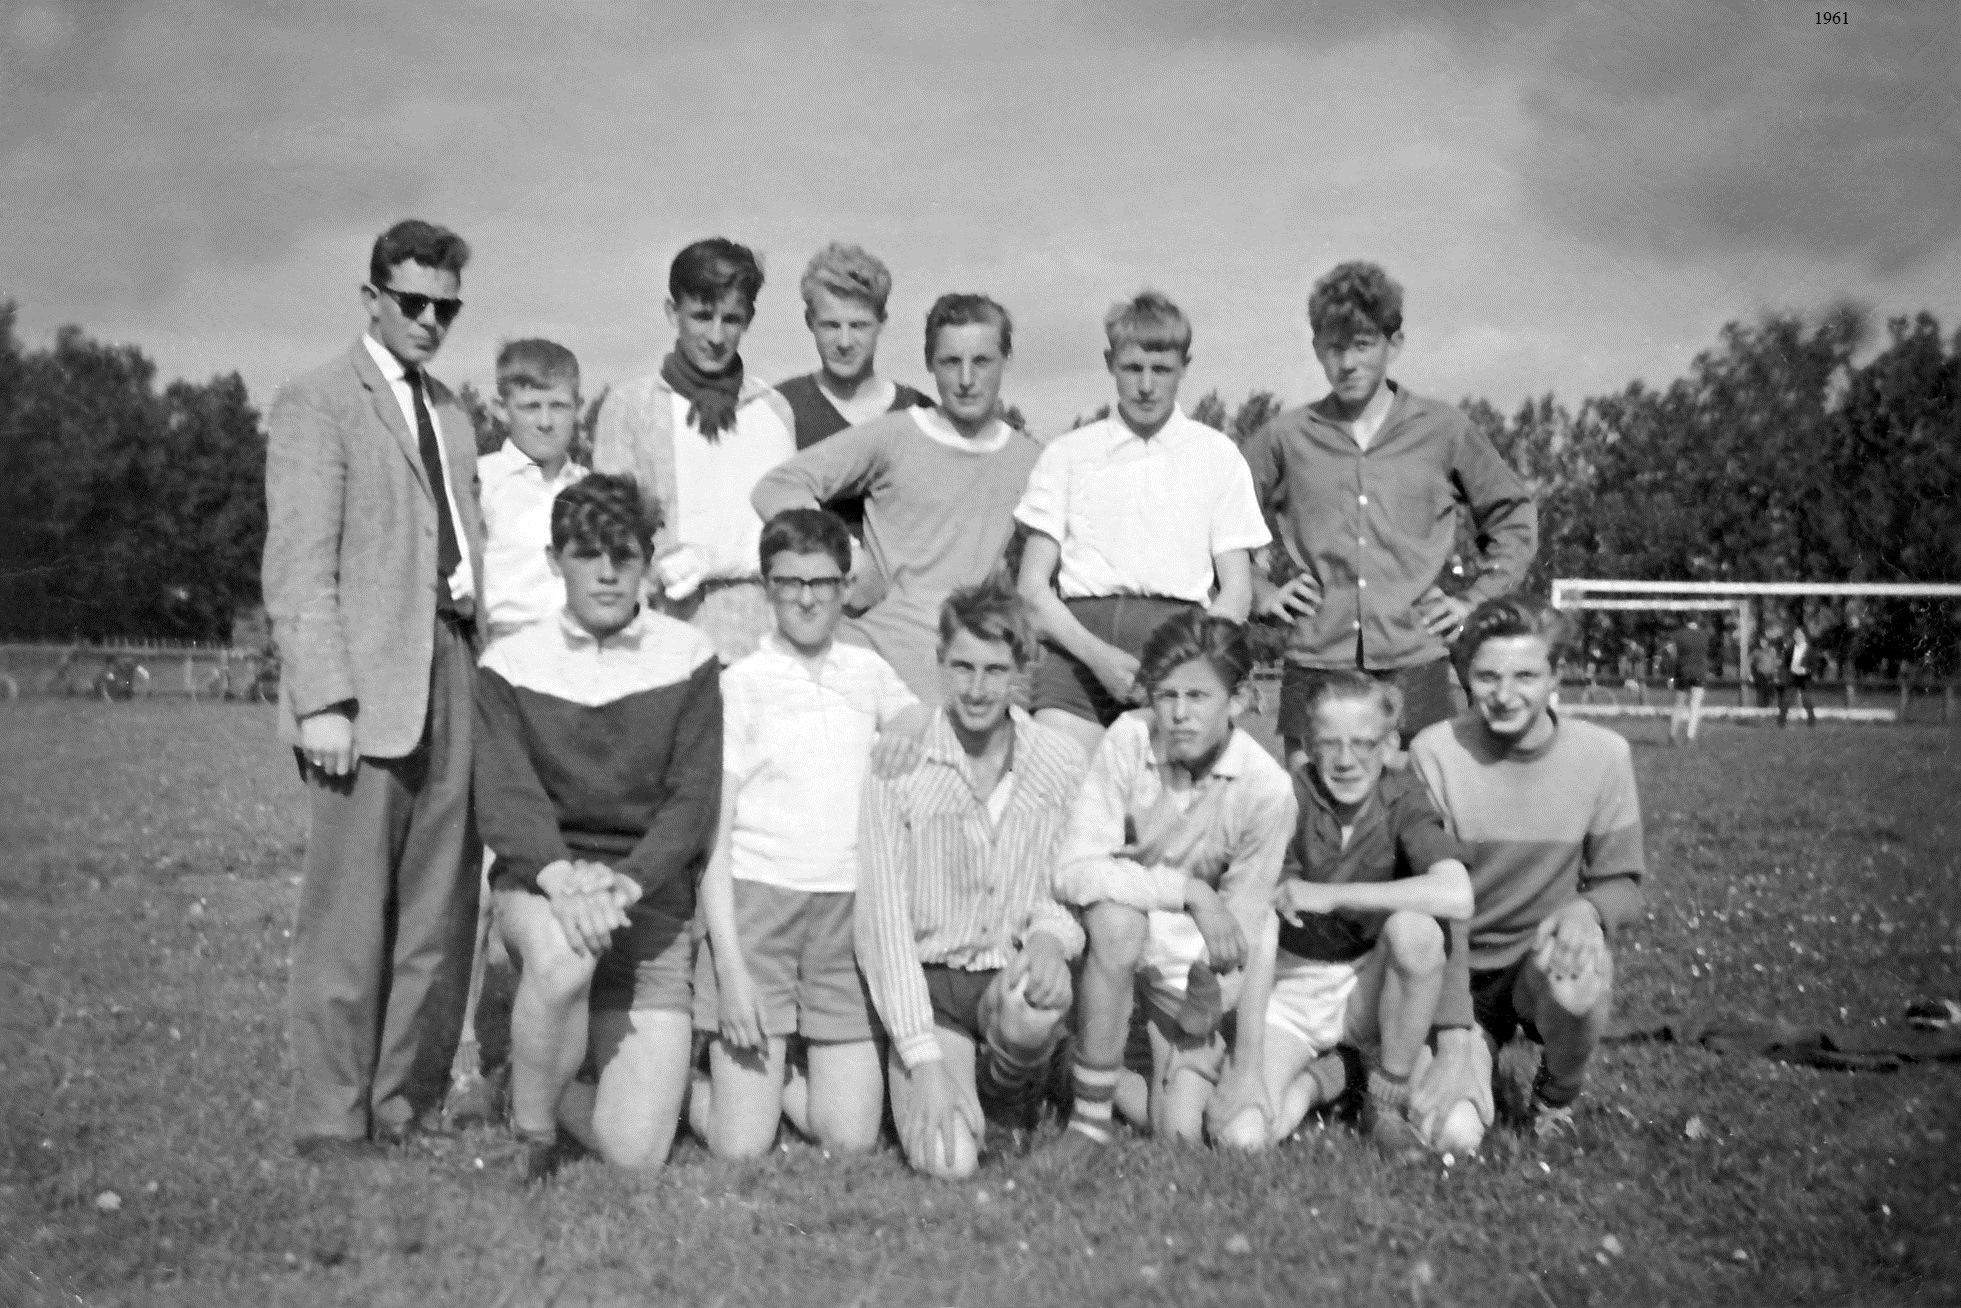 Staand van links naar rechts: J.Winkel (Leider), Klaas Bergkamp, Lammert Bos, Jan Poeles, Toon Komen, Henk Woud en Hemmo Bosscher Gehurkt van links naar rechts: Bertie de Jonge (Pzn), Jan van Dijk, Teun Veenstra, Harrie Drent, Klaas Bos en Feike Oenema.